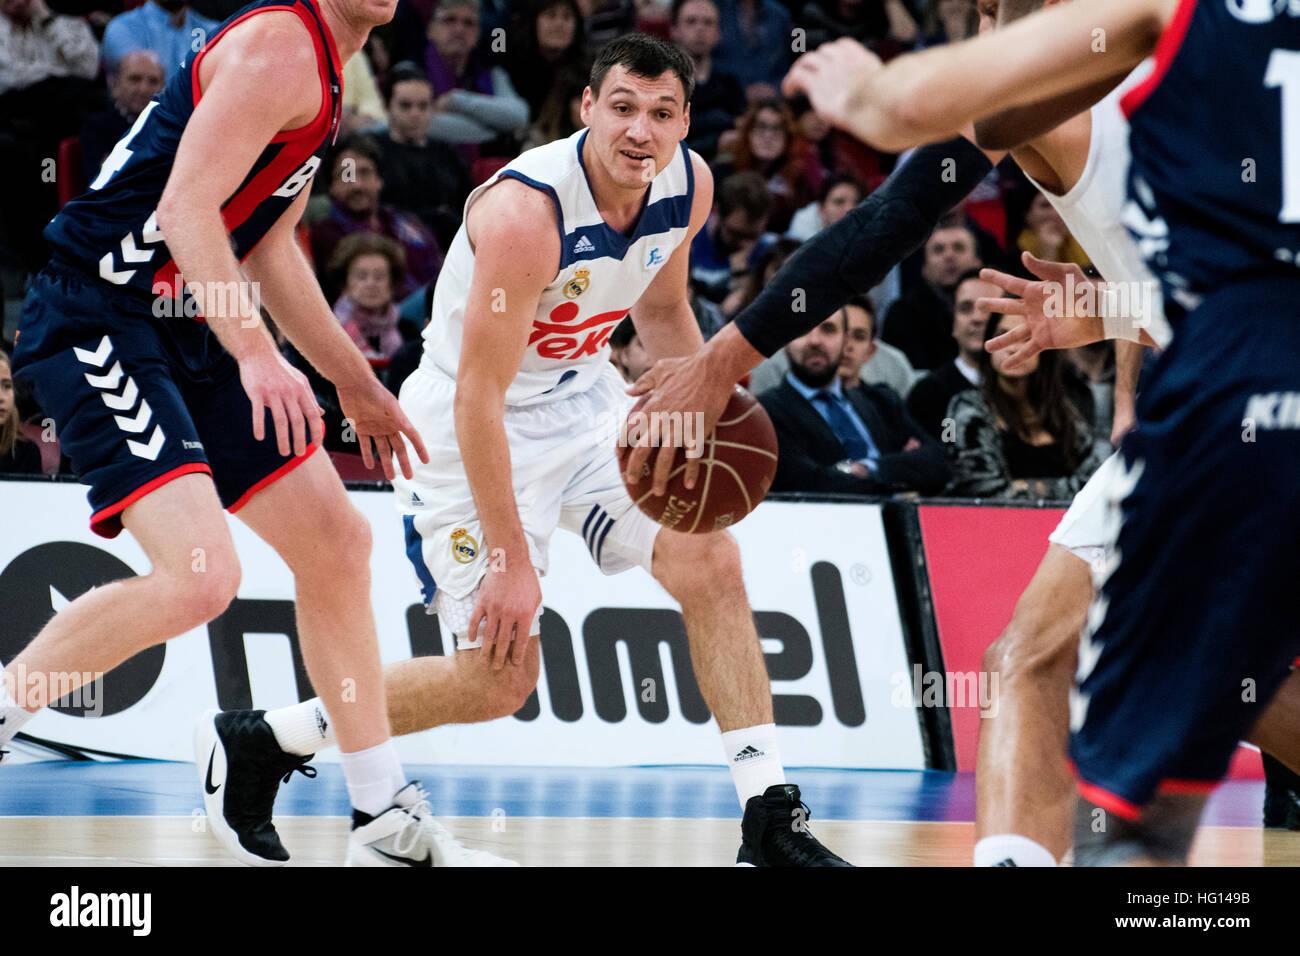 Vitoria, Espagne. 3 janvier, 2017. Jonas Maciulis (real madrid) en action au cours de la saison de basket-ball match Photo Stock